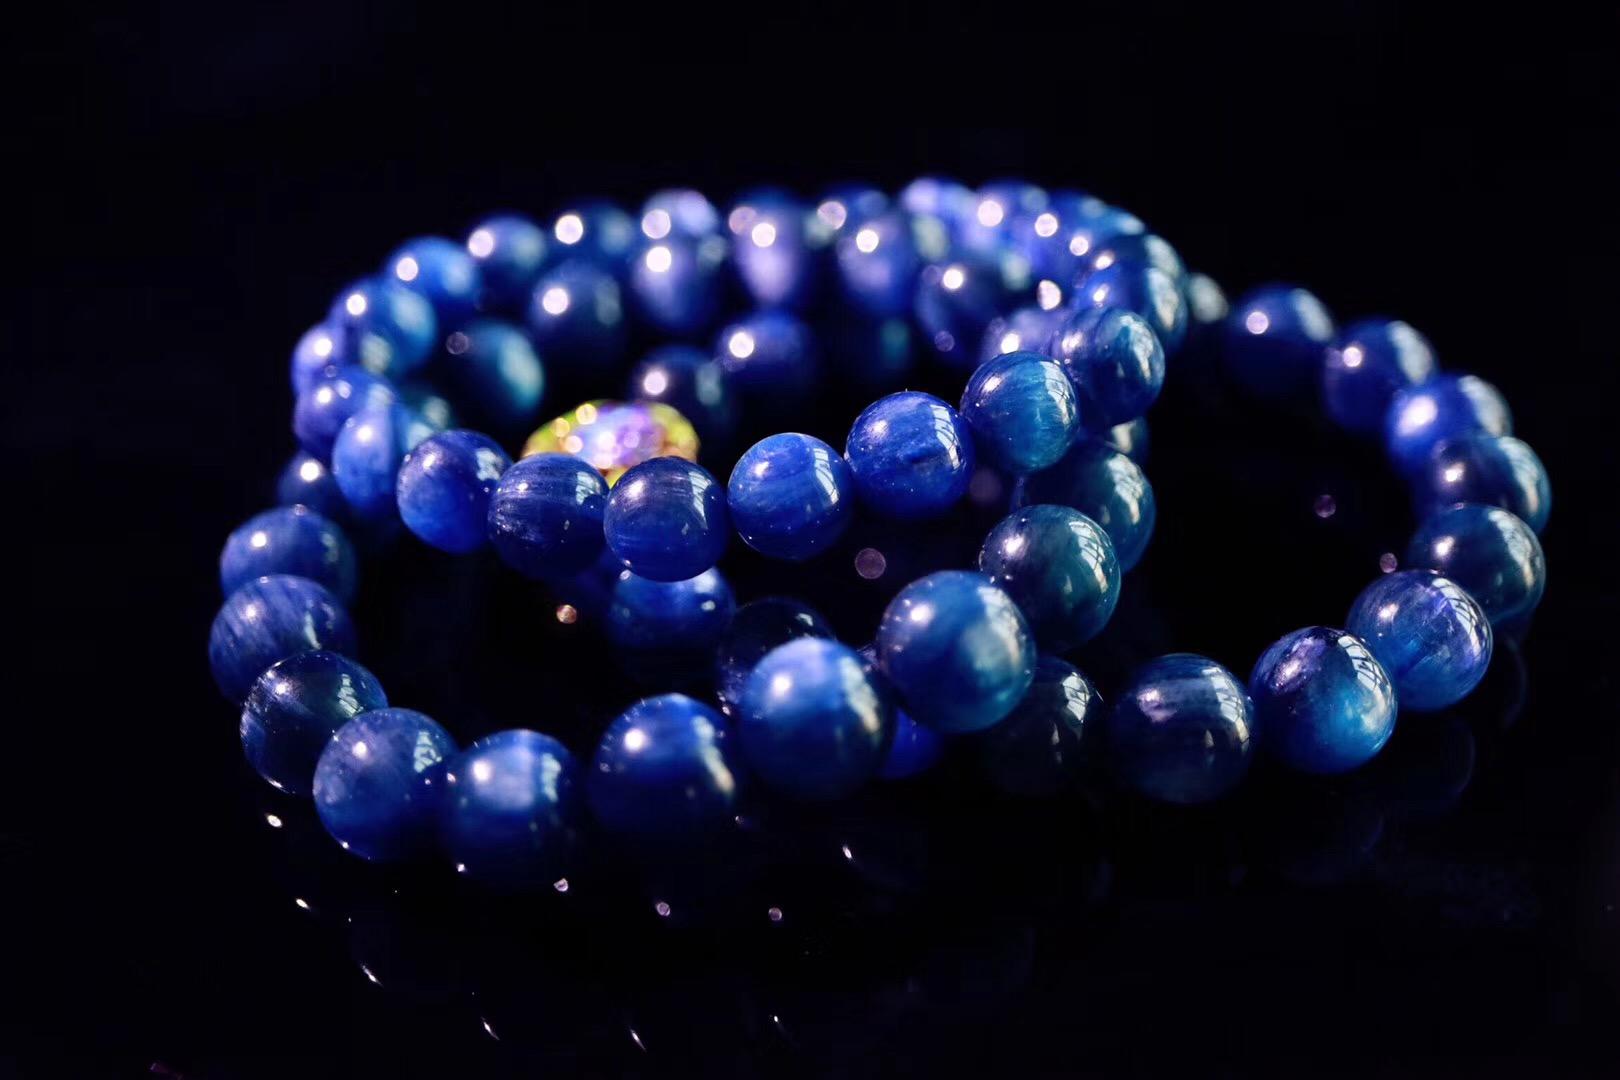 【菩心 | 蓝晶石】蓝晶:幽静却又闪耀着光芒…-菩心晶舍